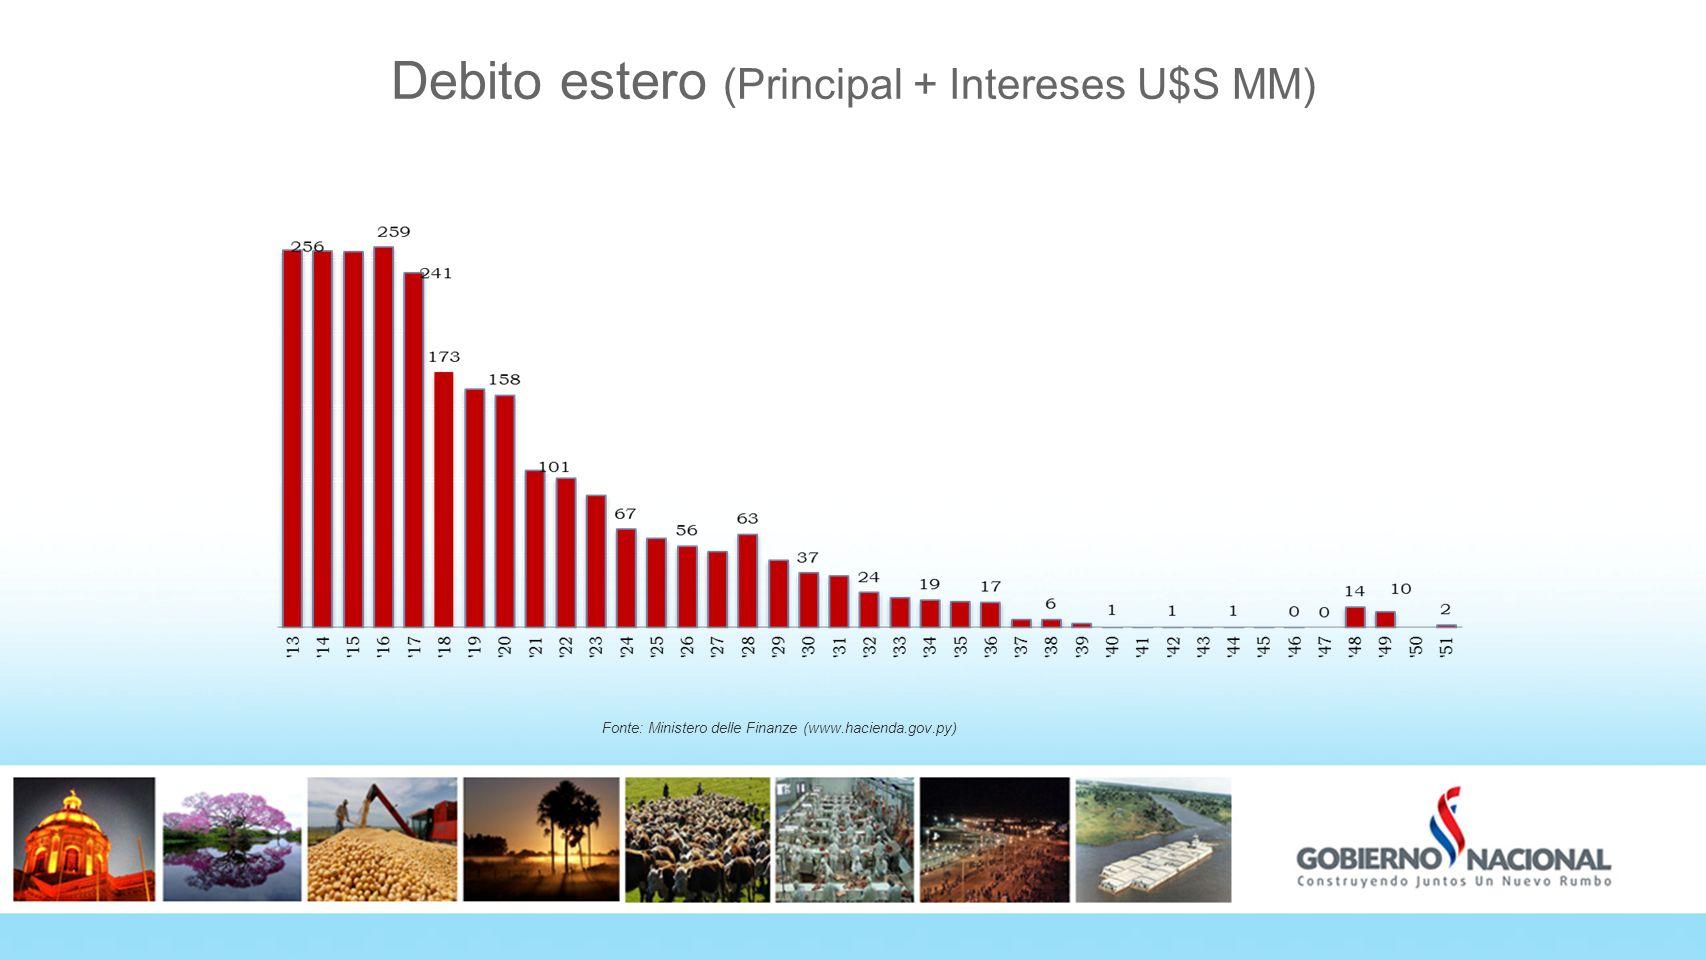 Debito estero (Principal + Intereses U$S MM) Fonte: Ministero delle Finanze (www.hacienda.gov.py)